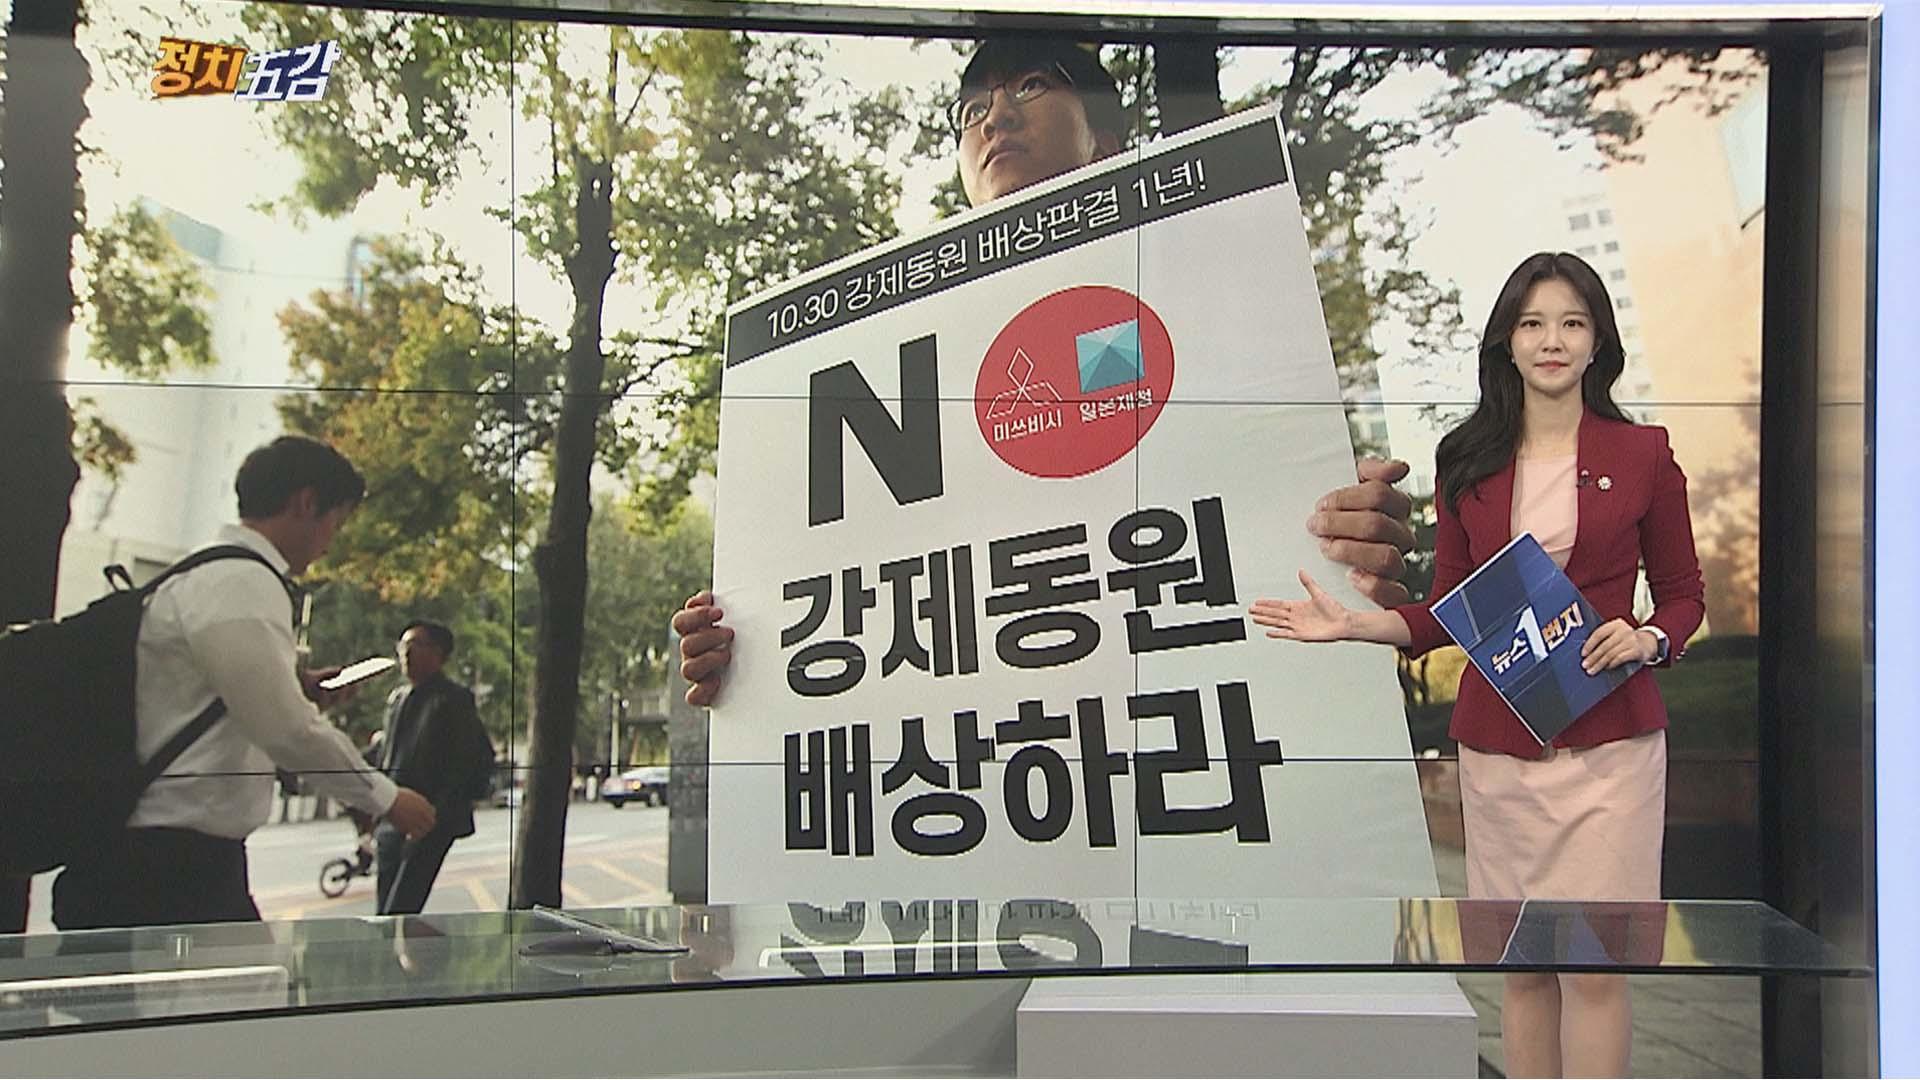 [정치五감] 징용판결 1주년, 강제동원 사죄·배상 촉구 1인 시위 外